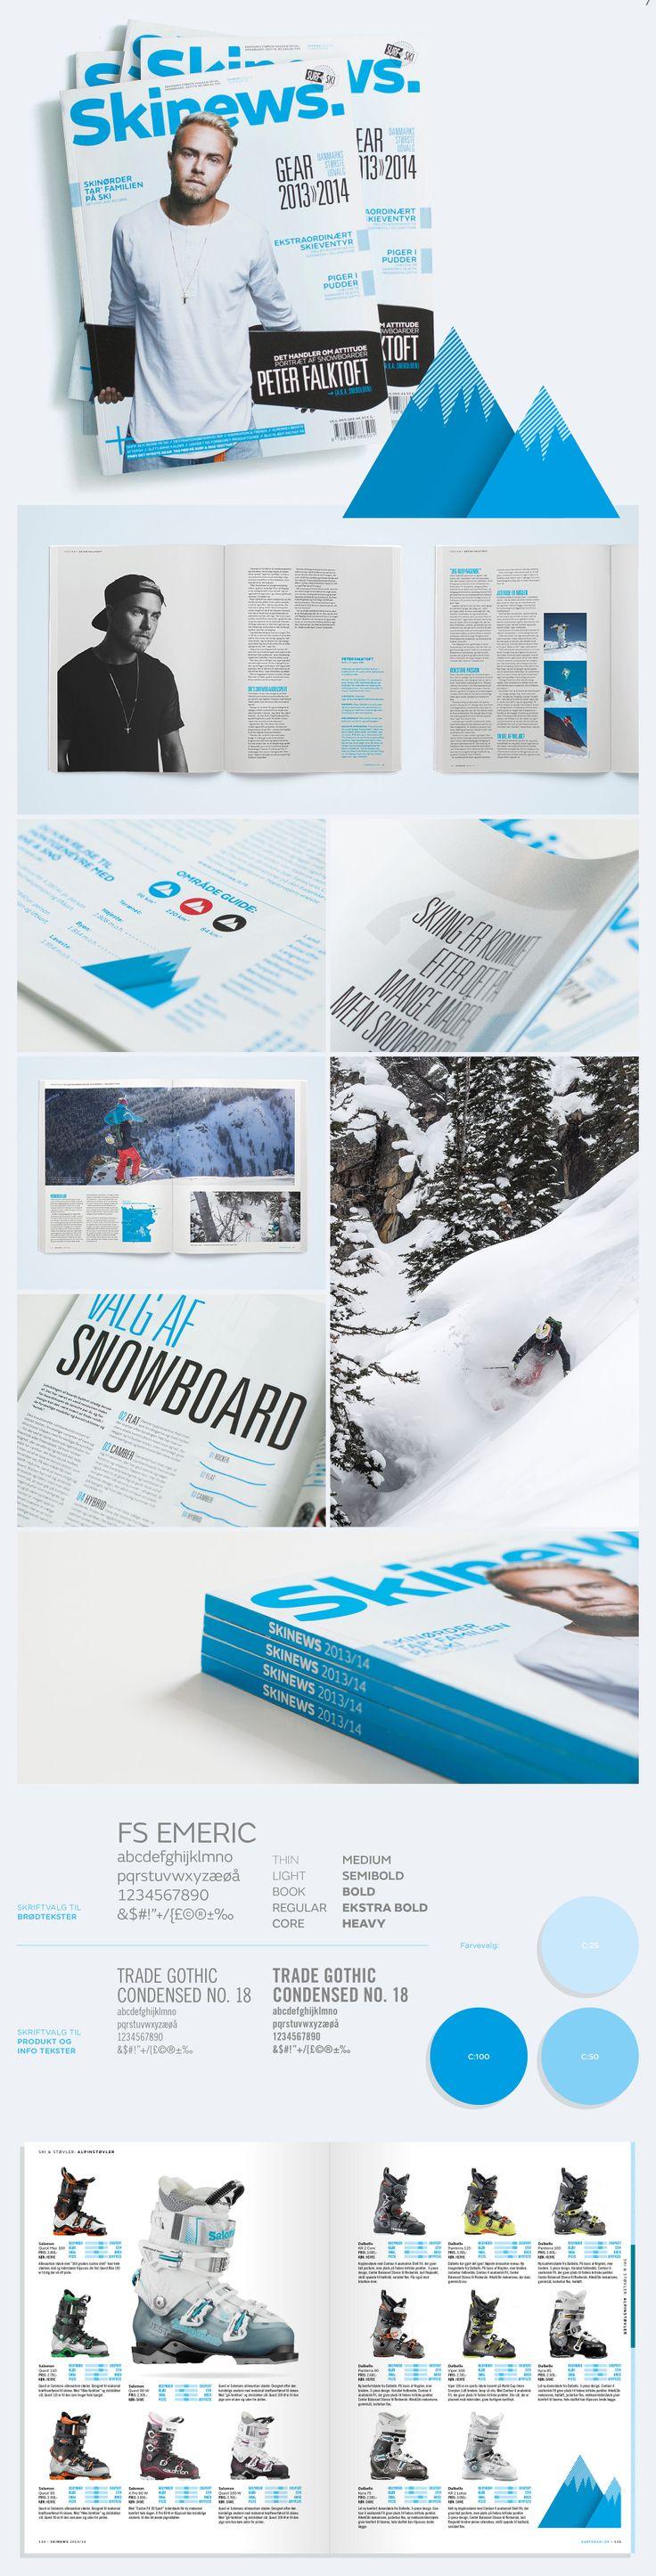 Surf og Ski. Skimagasinet Skinews fik et markant visuelt og redaktionelt løft.